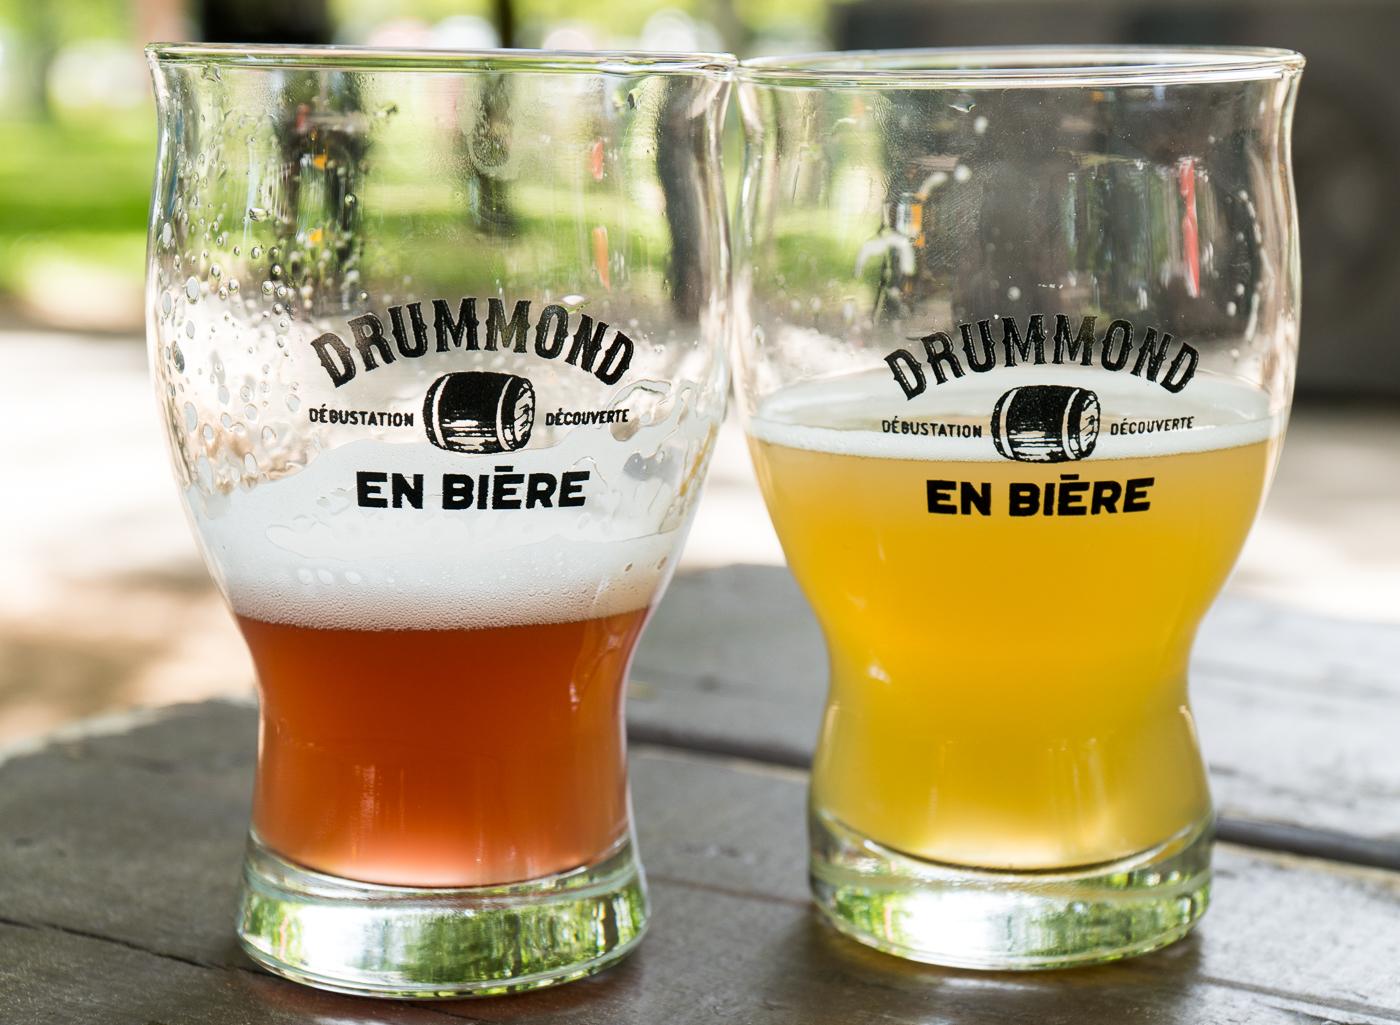 Verres de bière - Dégustation à Drummond en bière